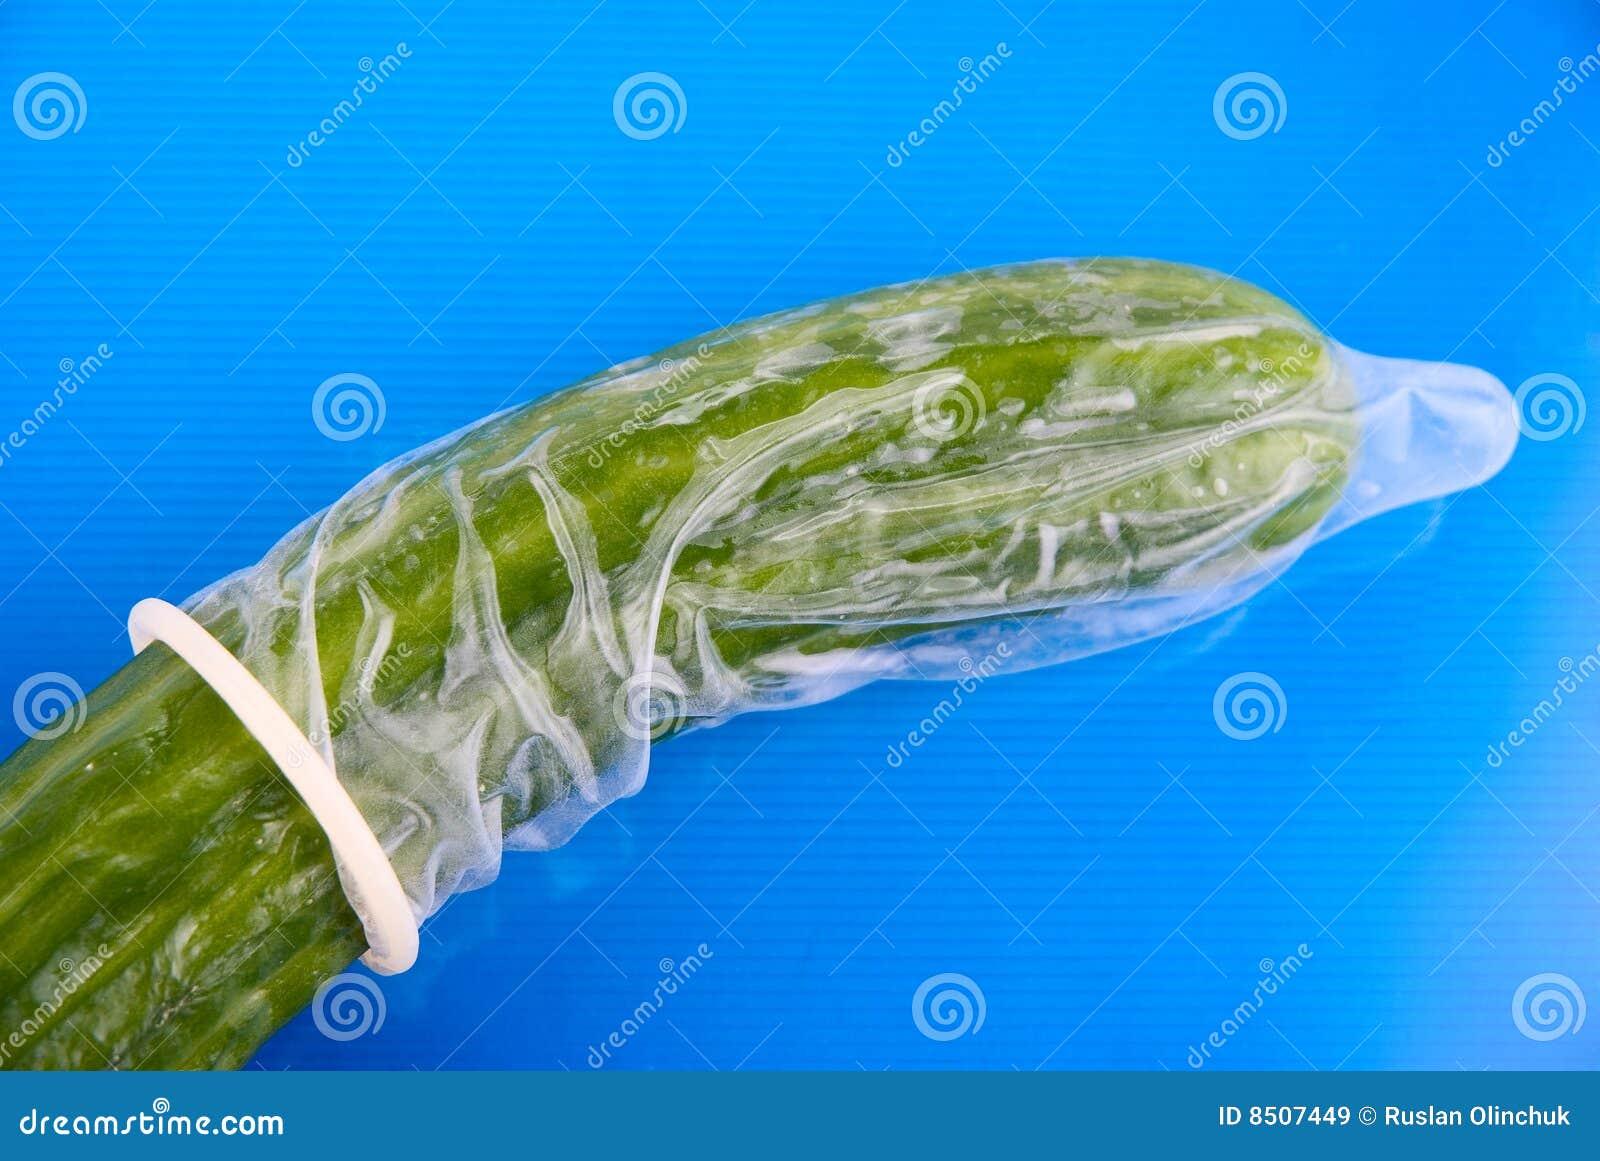 gratis toevallig condoom